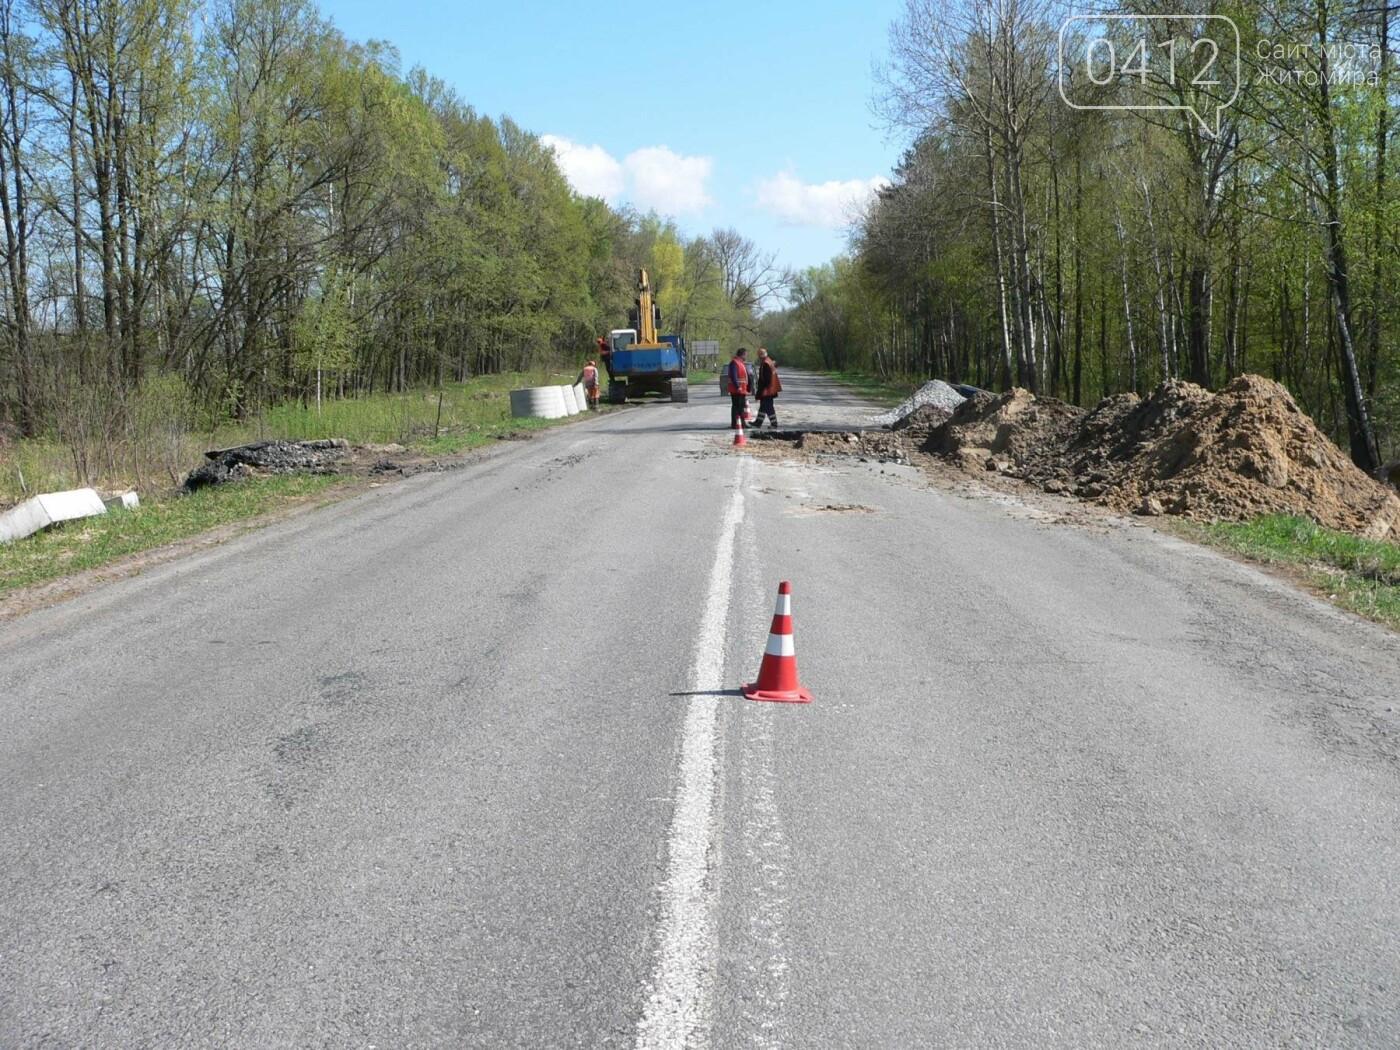 Продовжуються роботи з капремонту на ділянках шляху Р-49 Васьковичі - Шепетівка, фото-4